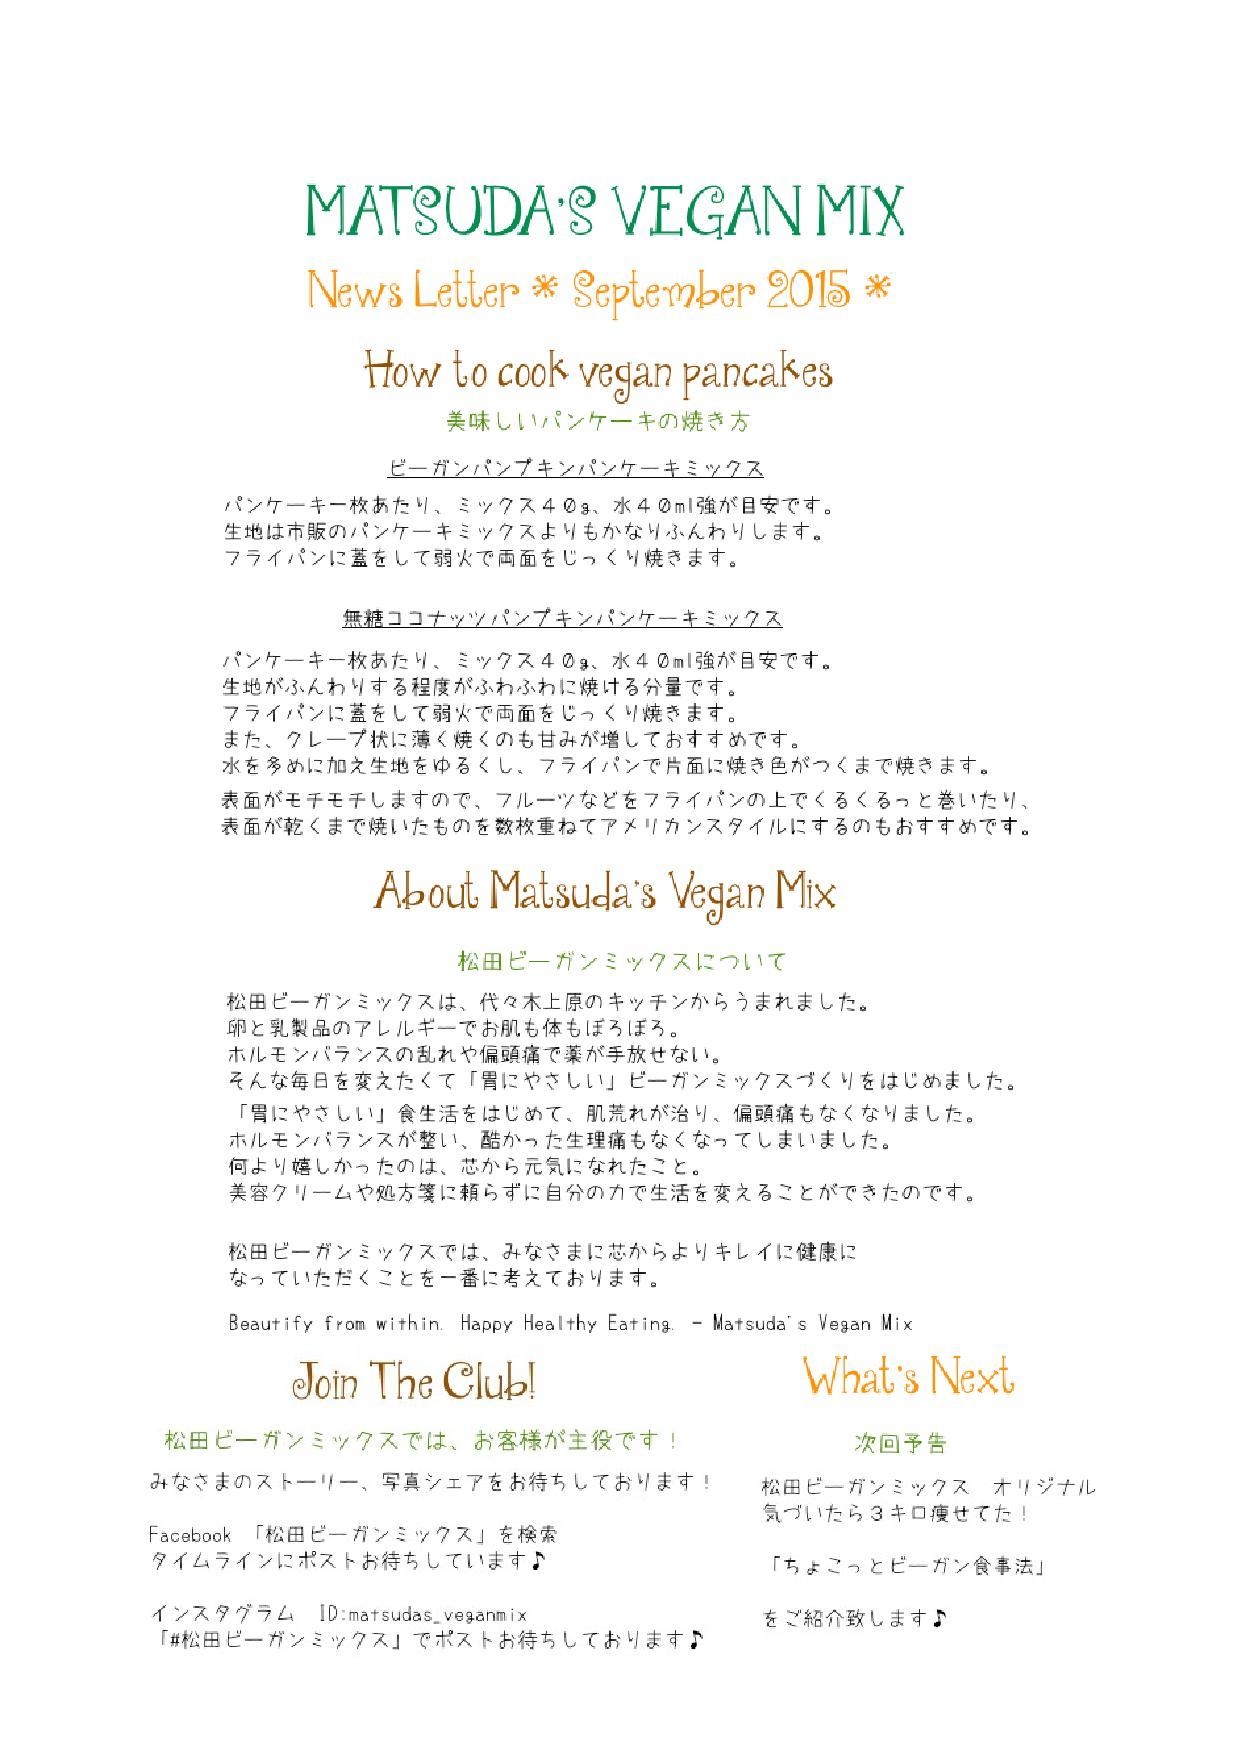 先月のニュースレター & さんきゅうSALE!